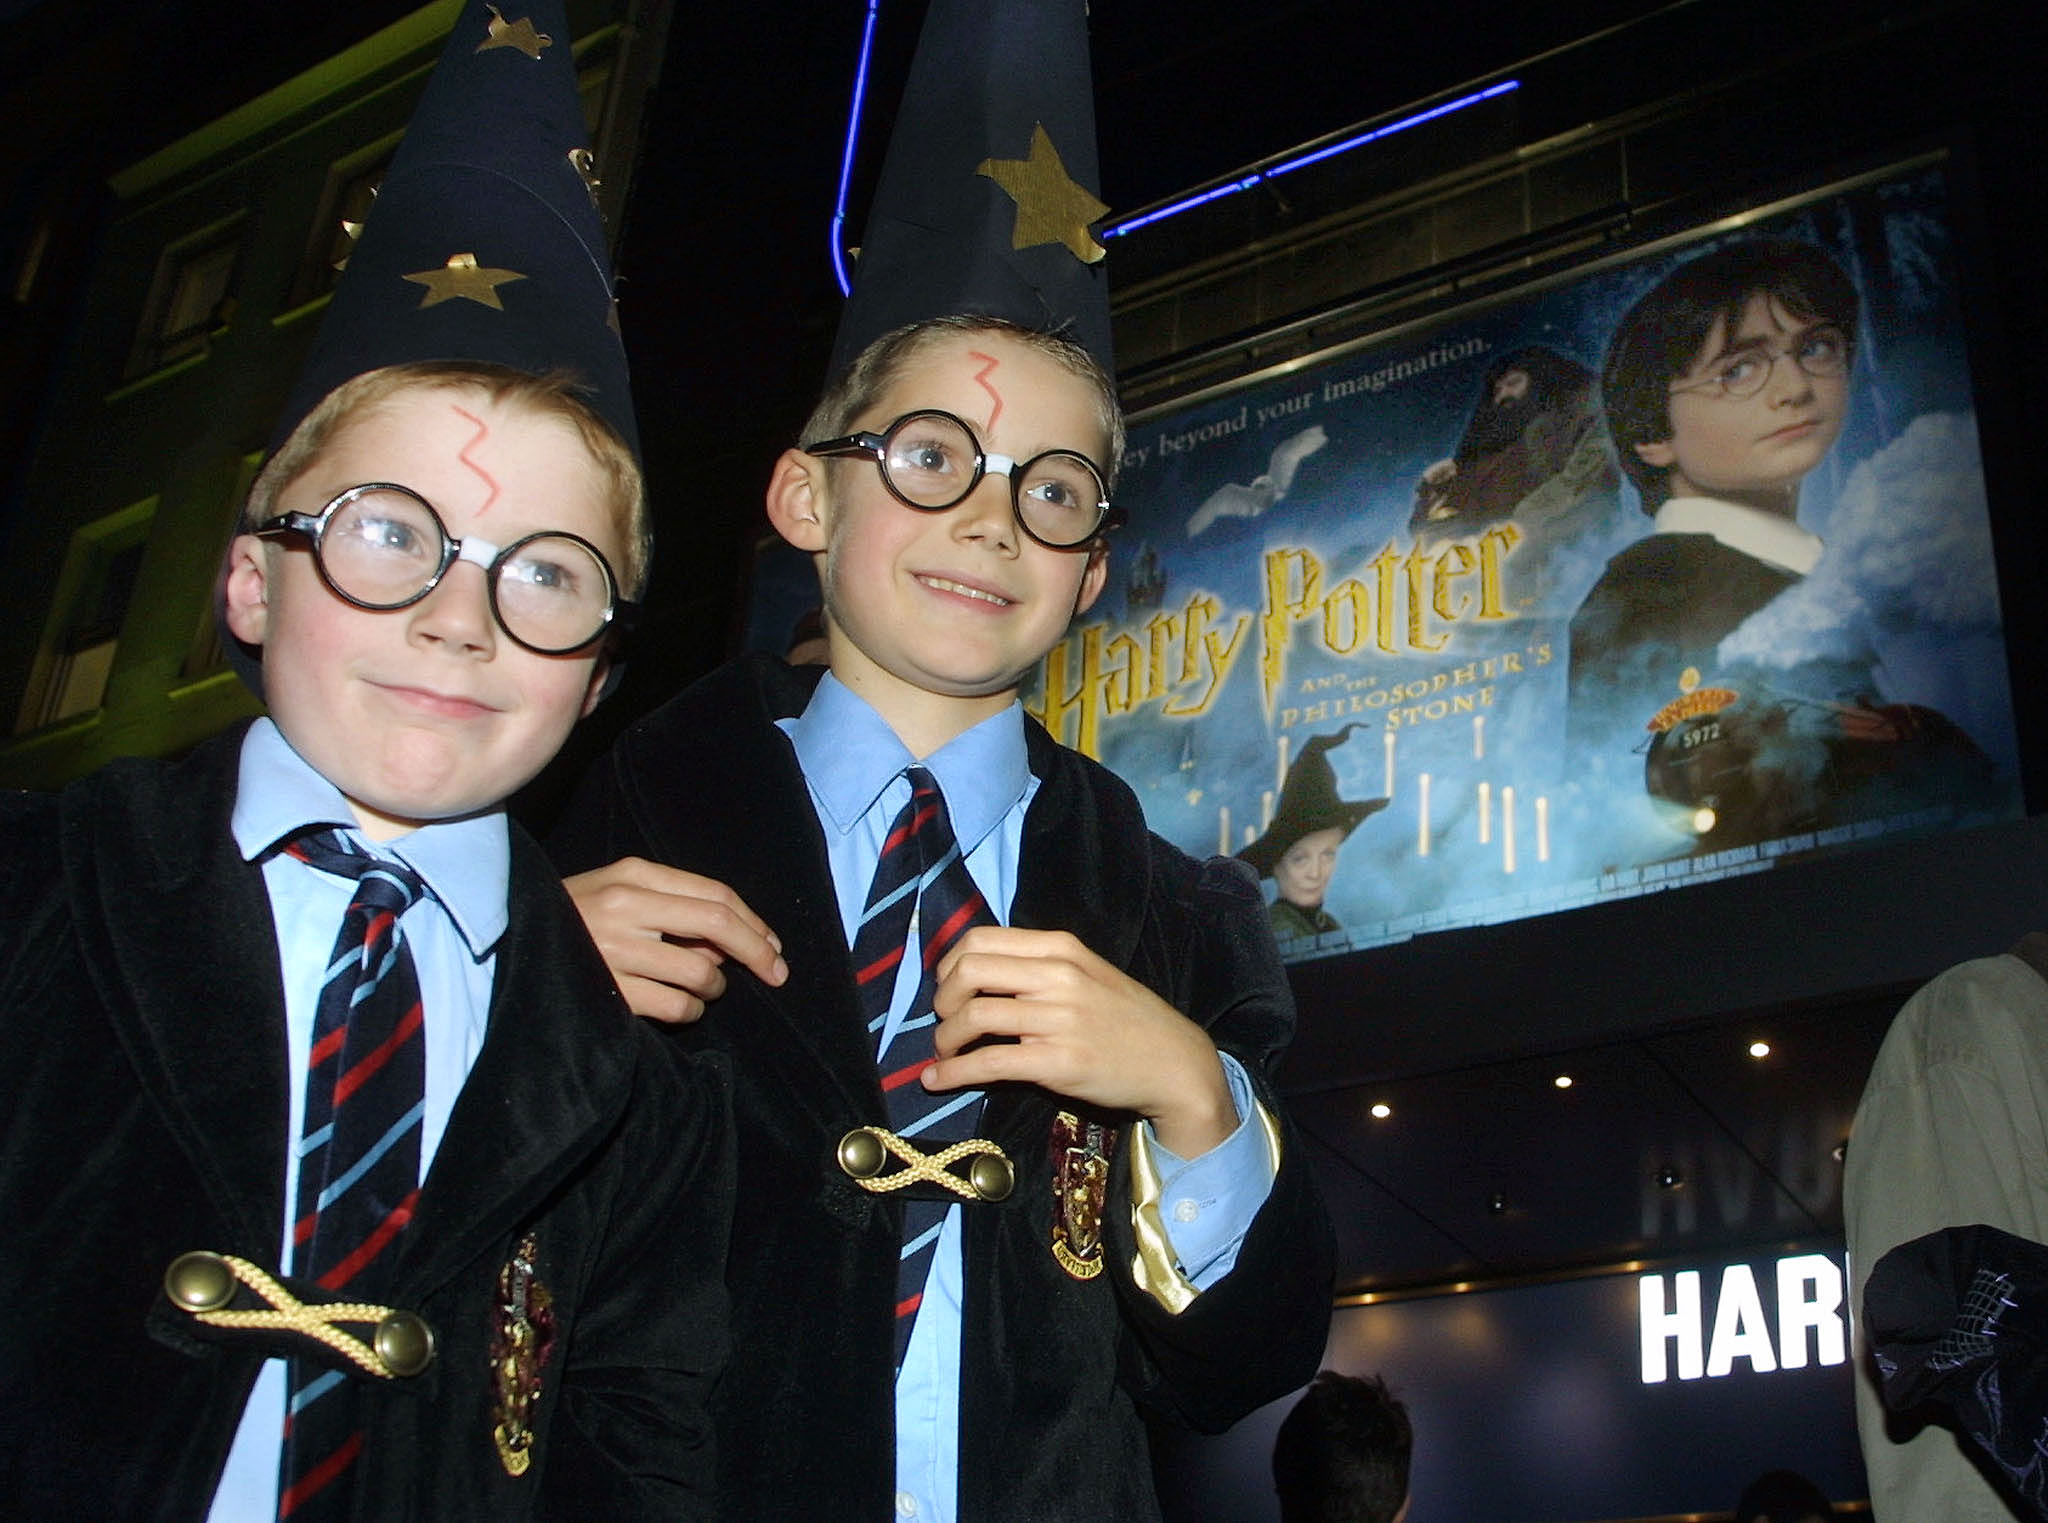 2001年11月16日,兩位小小哈利波特迷在倫敦一家戲院外盛裝打扮、等著看電影首映。(美聯社)